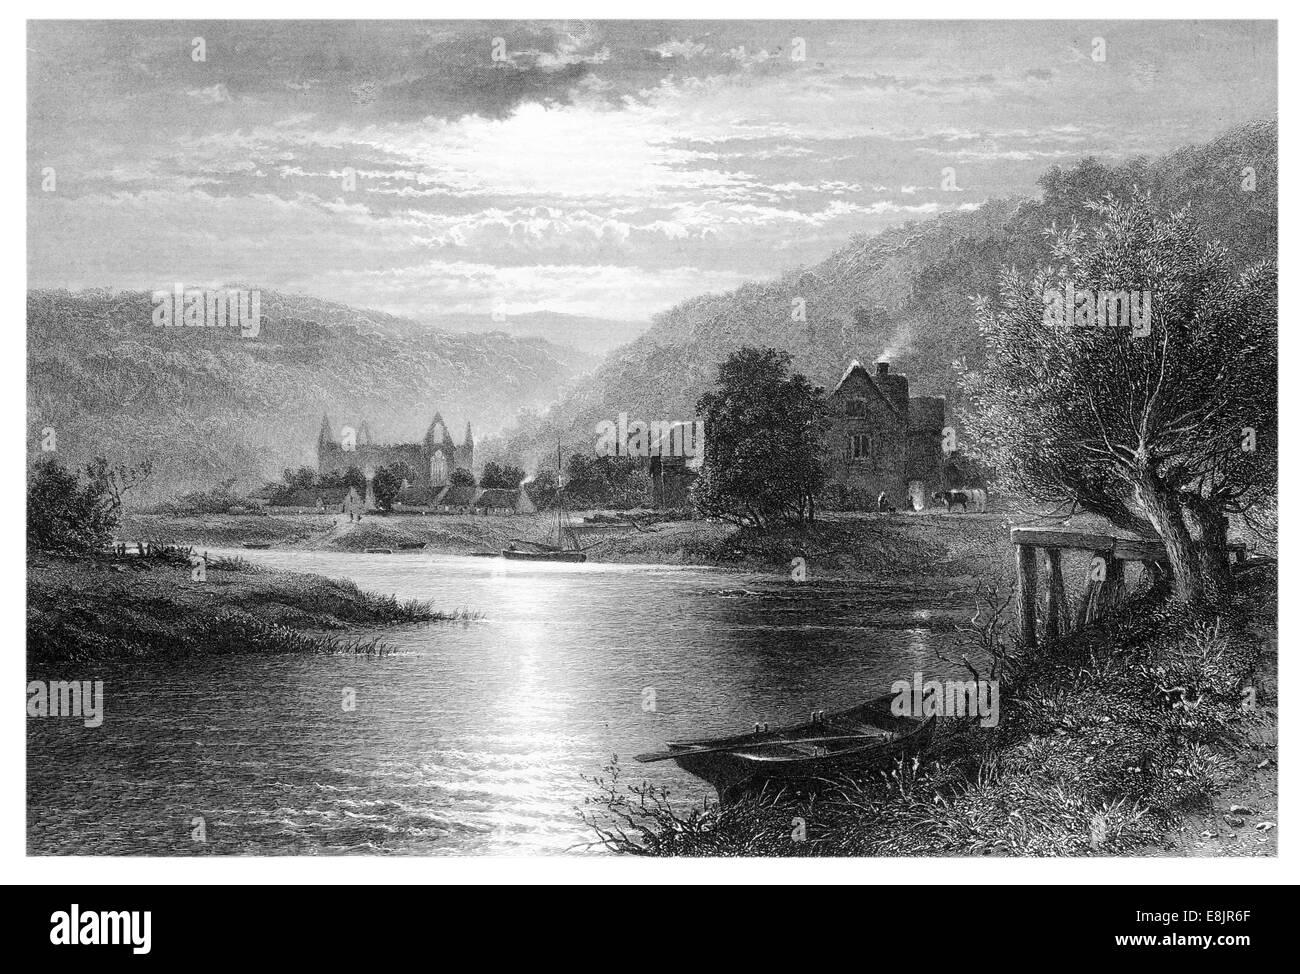 La ABADÍA DE TINTERN Moonlight en el Wye. Por B.W. Líder grabado por C. Cousen, c. 1870 Imagen De Stock